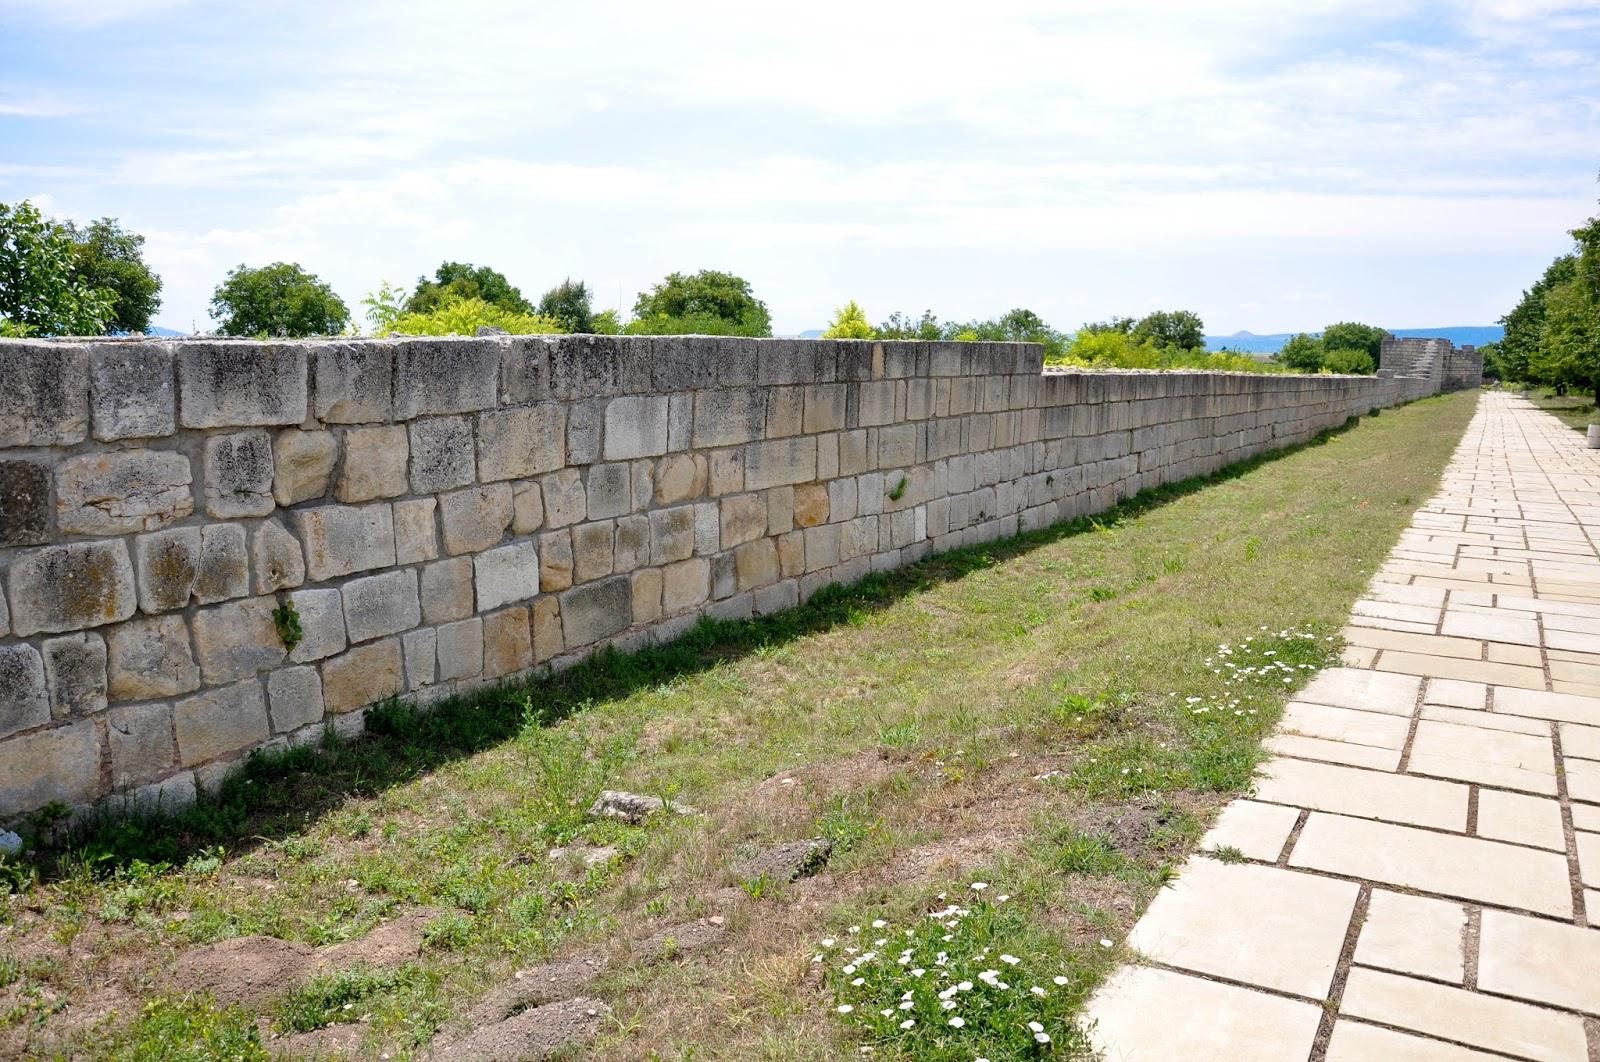 The wall, Pliska, Bulgaria